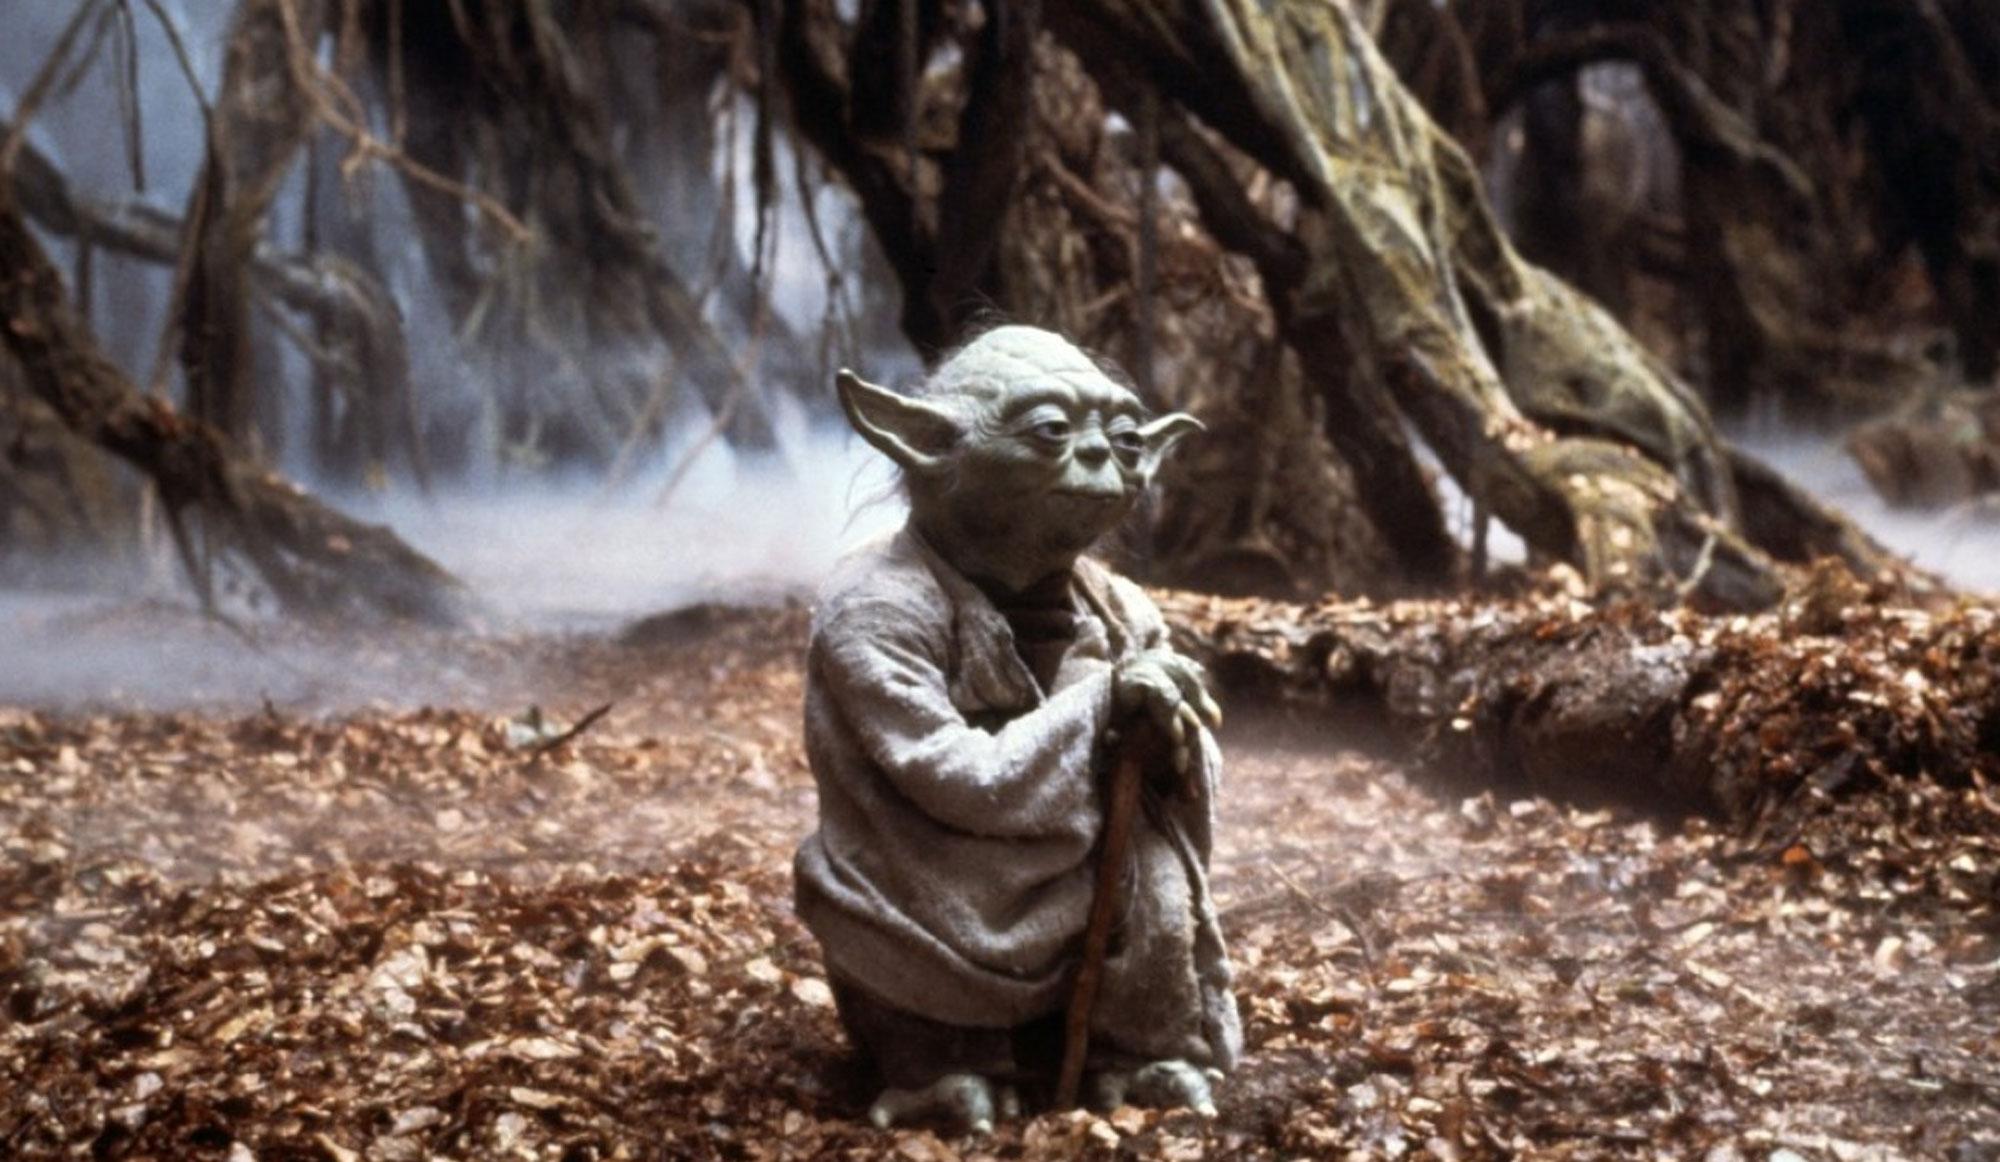 Un mot pour définir une image - Page 2 Stuart-Freeborn-le-pere-de-Yoda-est-mort